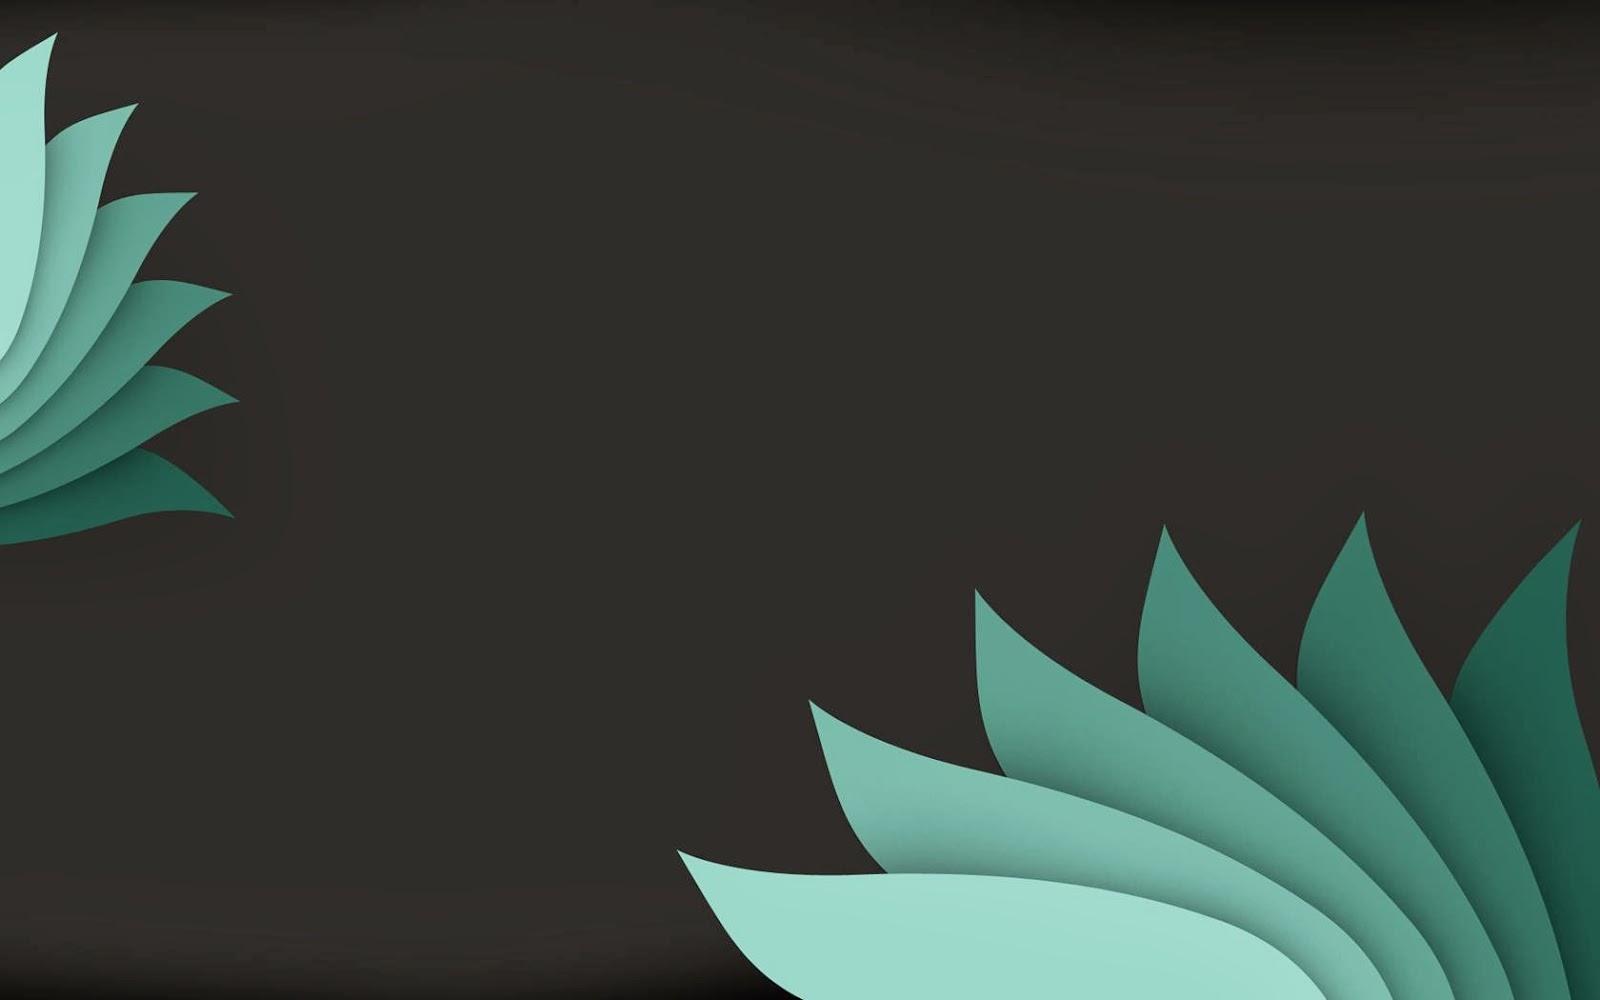 Fondo de Pantalla Abstracto Pasando hojas libro - imagenes ...